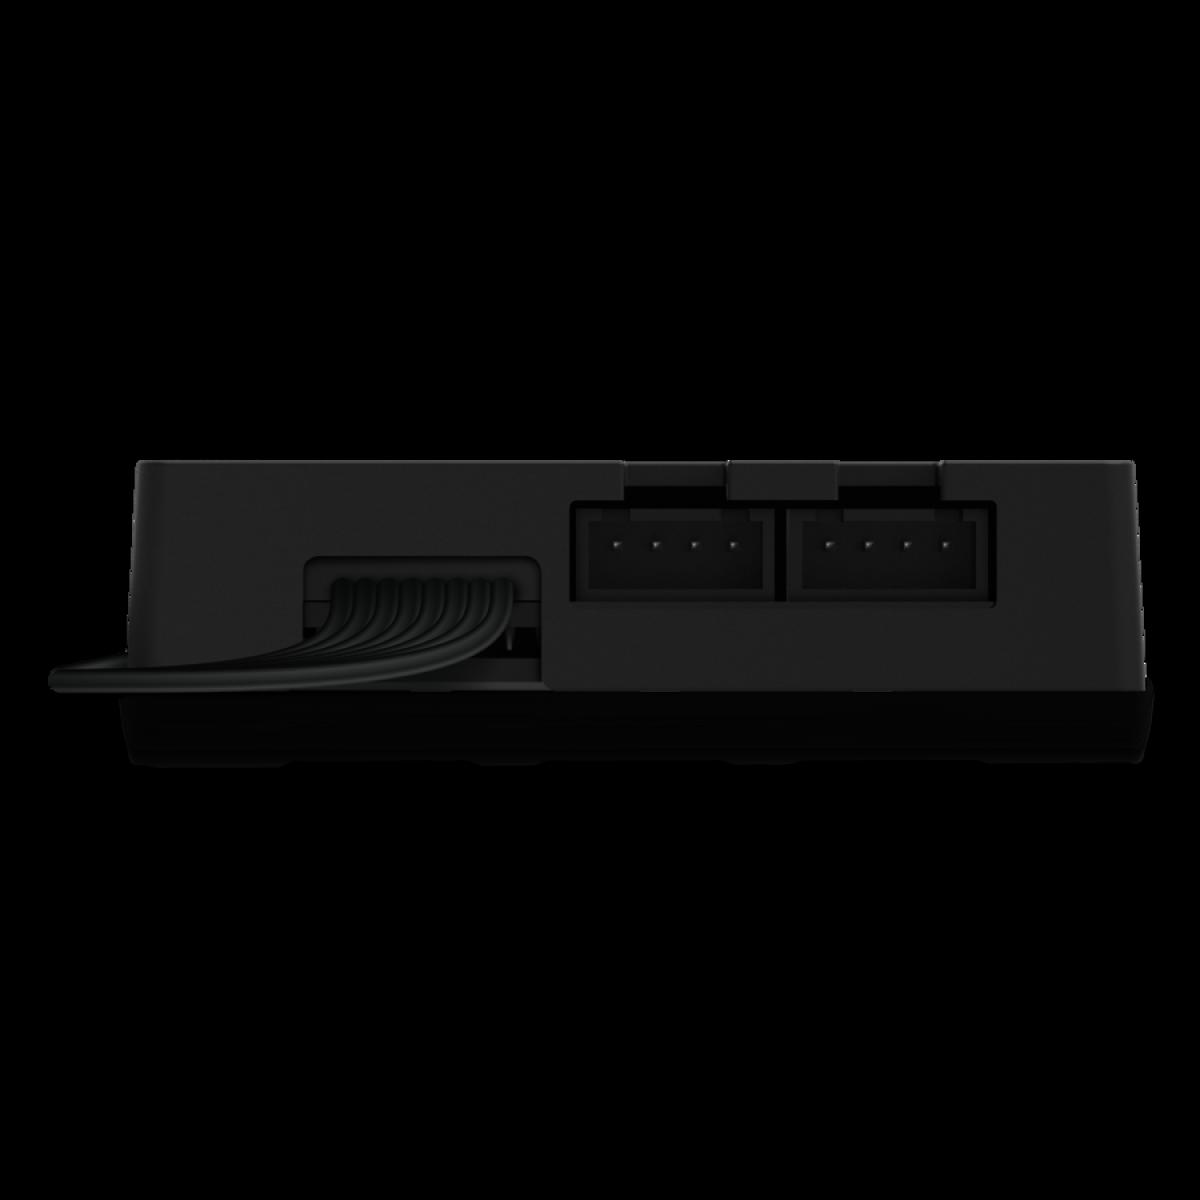 Controlador RGB e Fan NZXT, 3 Fans e 2 LEDs, AC-2RGBC-B1